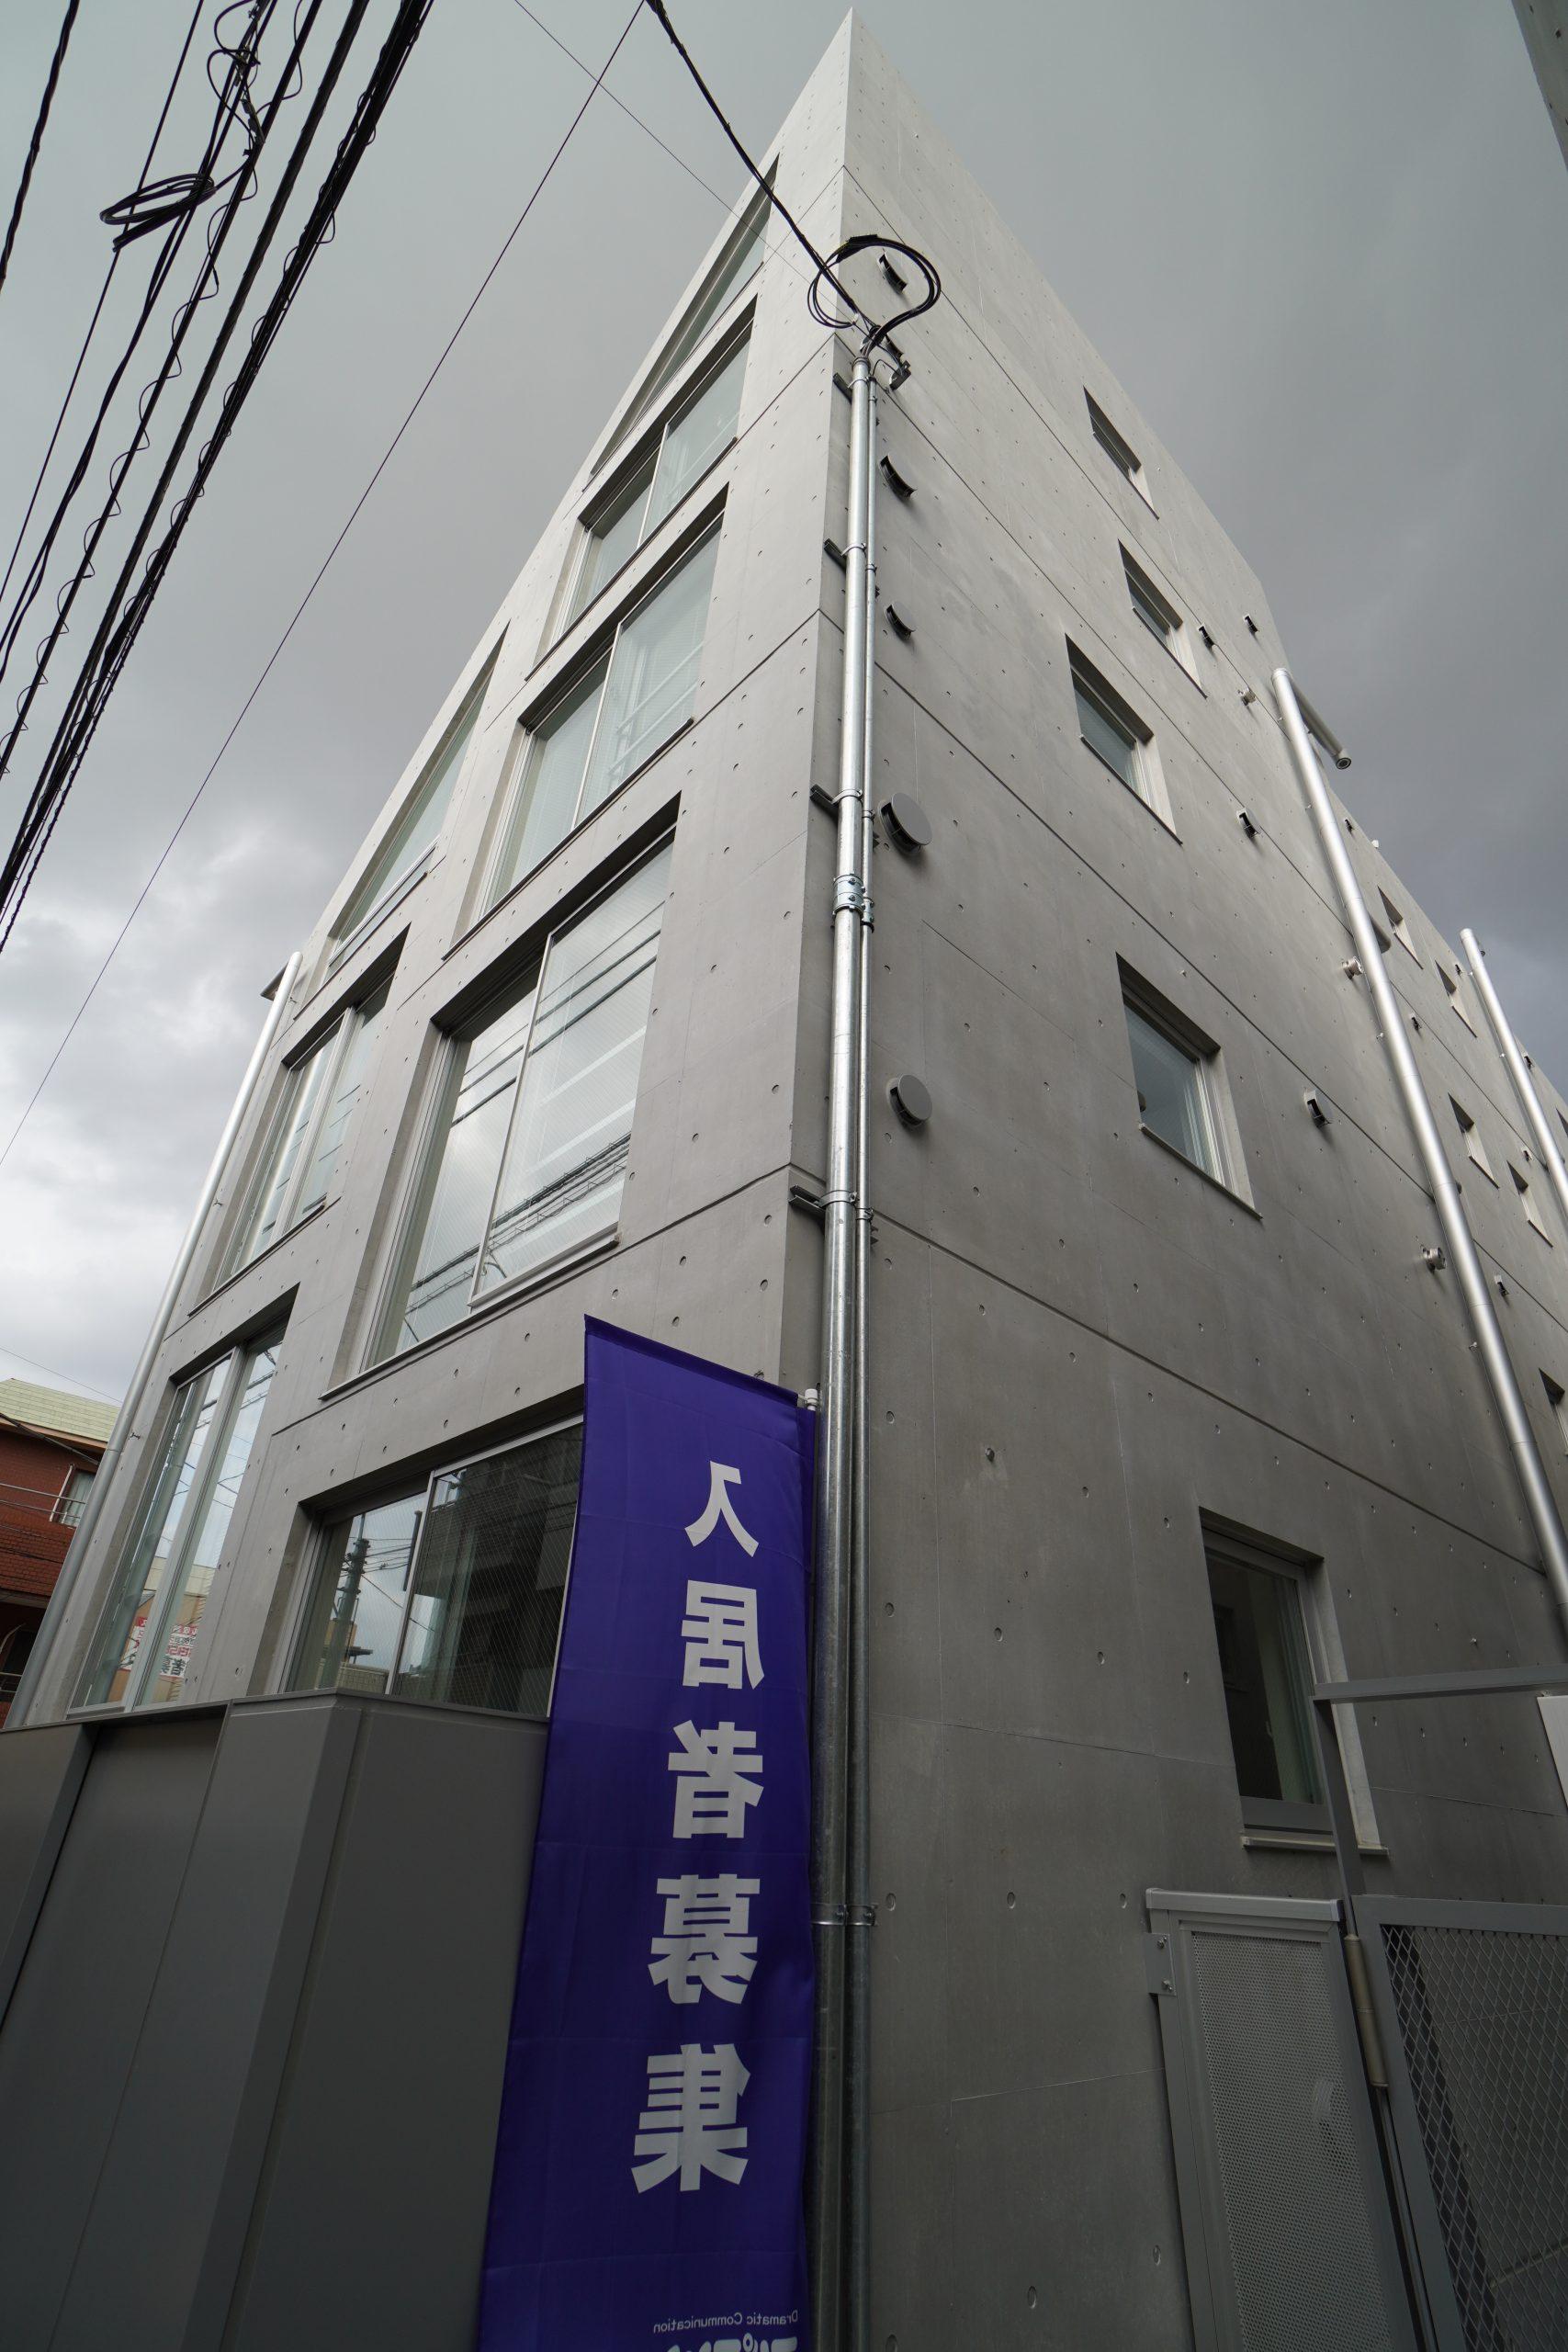 PASEO新宿三丁目Iの写真8